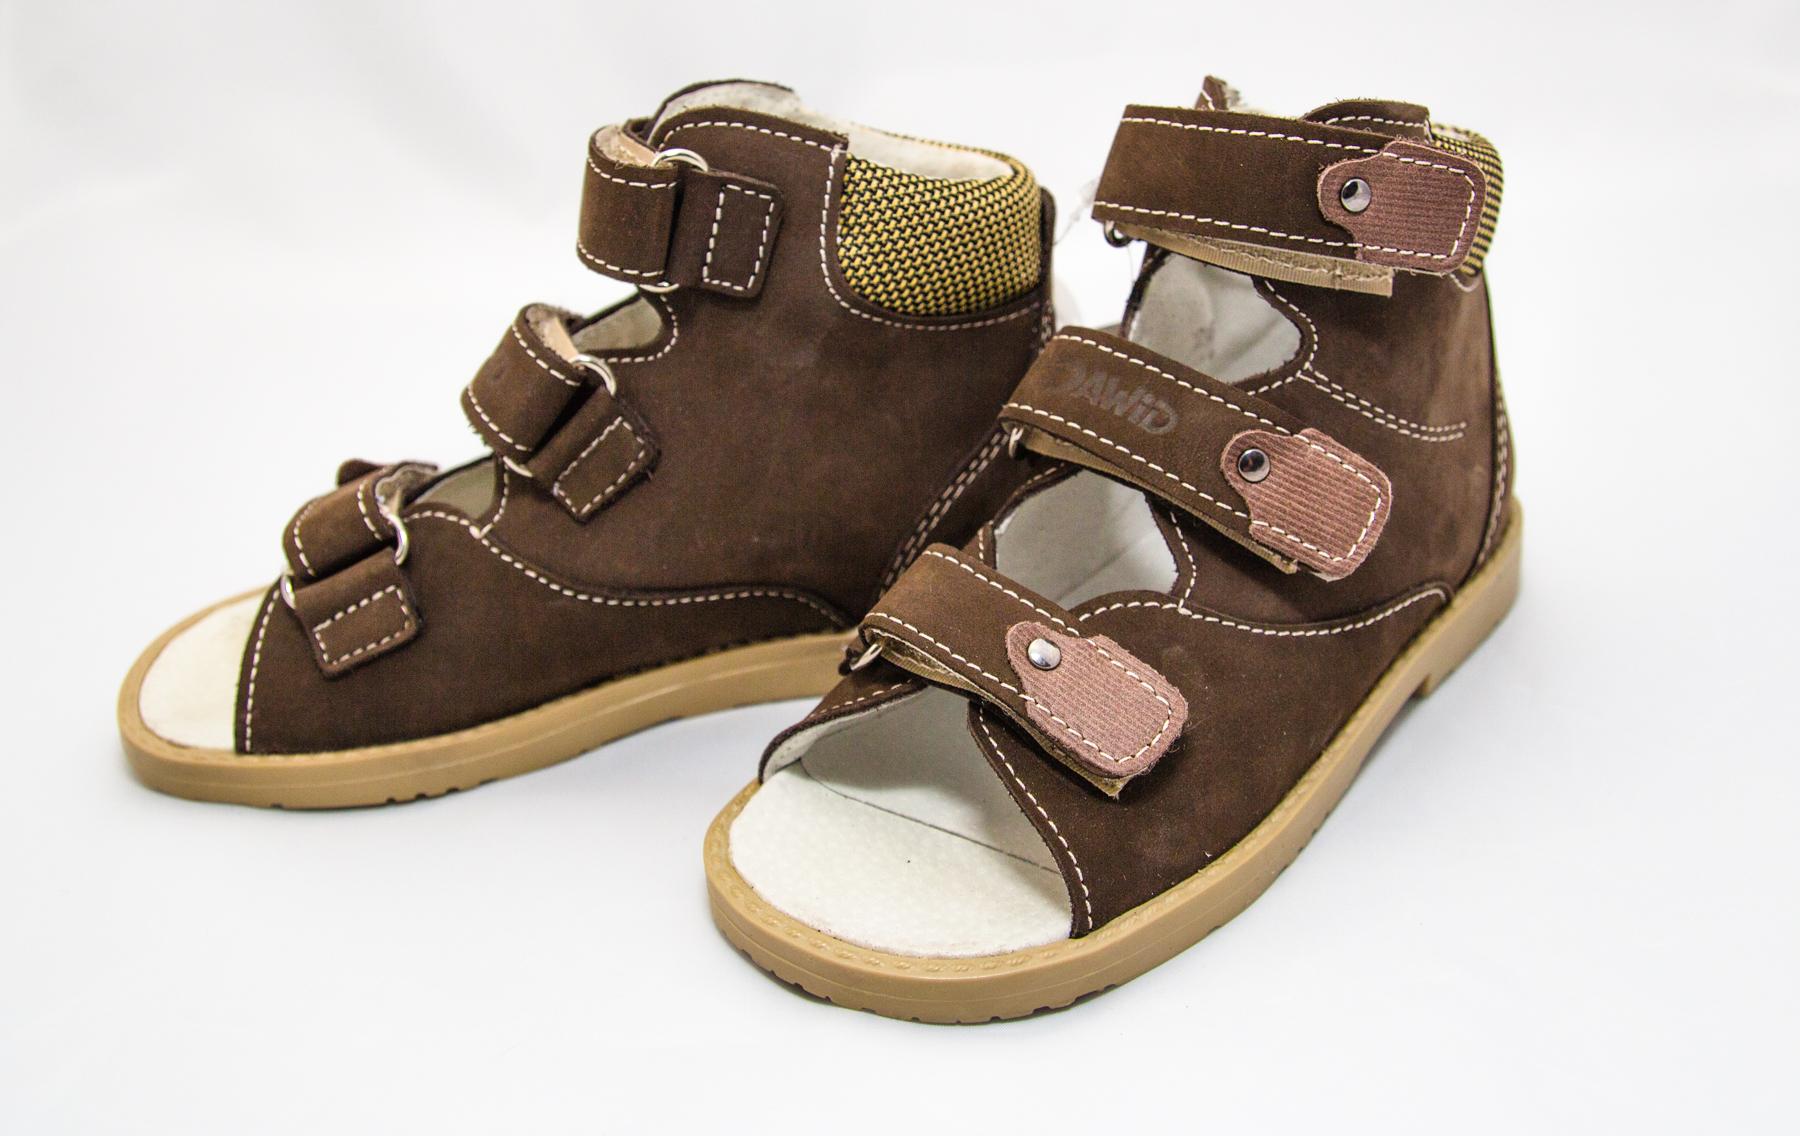 8dac84af8ae Ortopeedilised laste jalanõud kõrge kannaosaga P01 - Invaabi